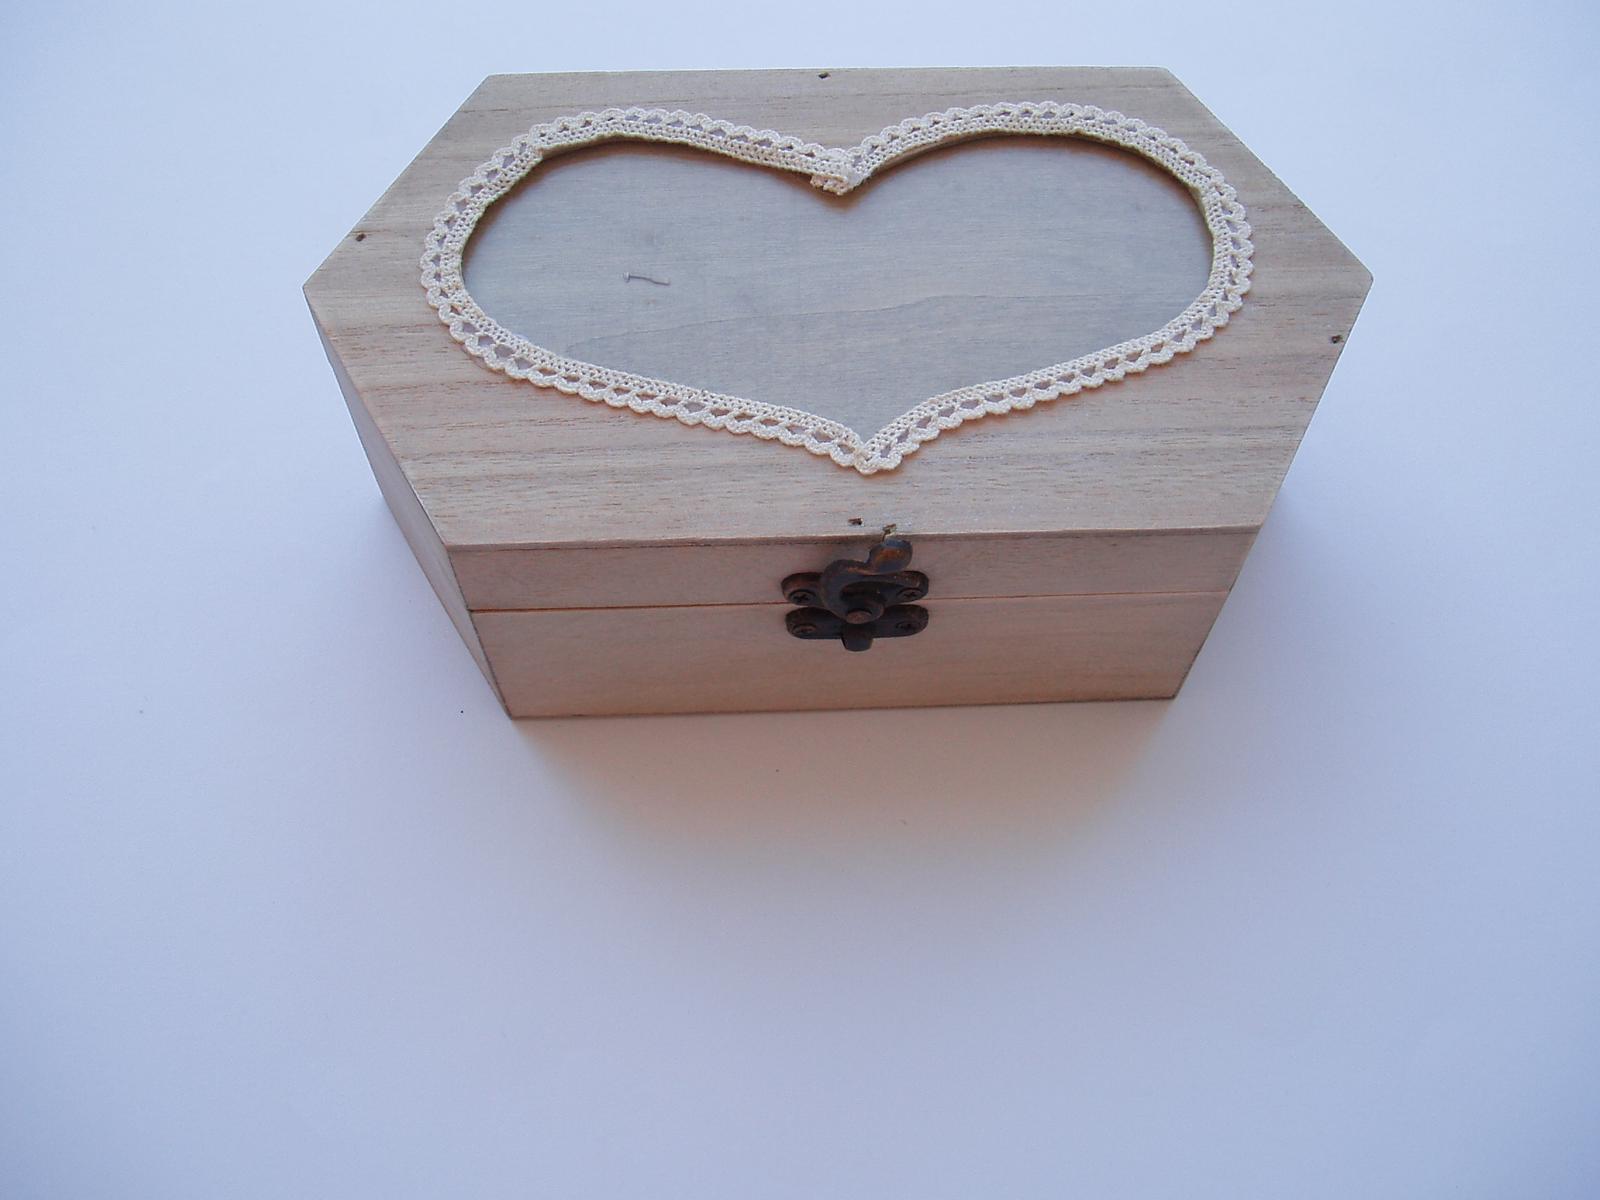 krabička 2 - Obrázek č. 1